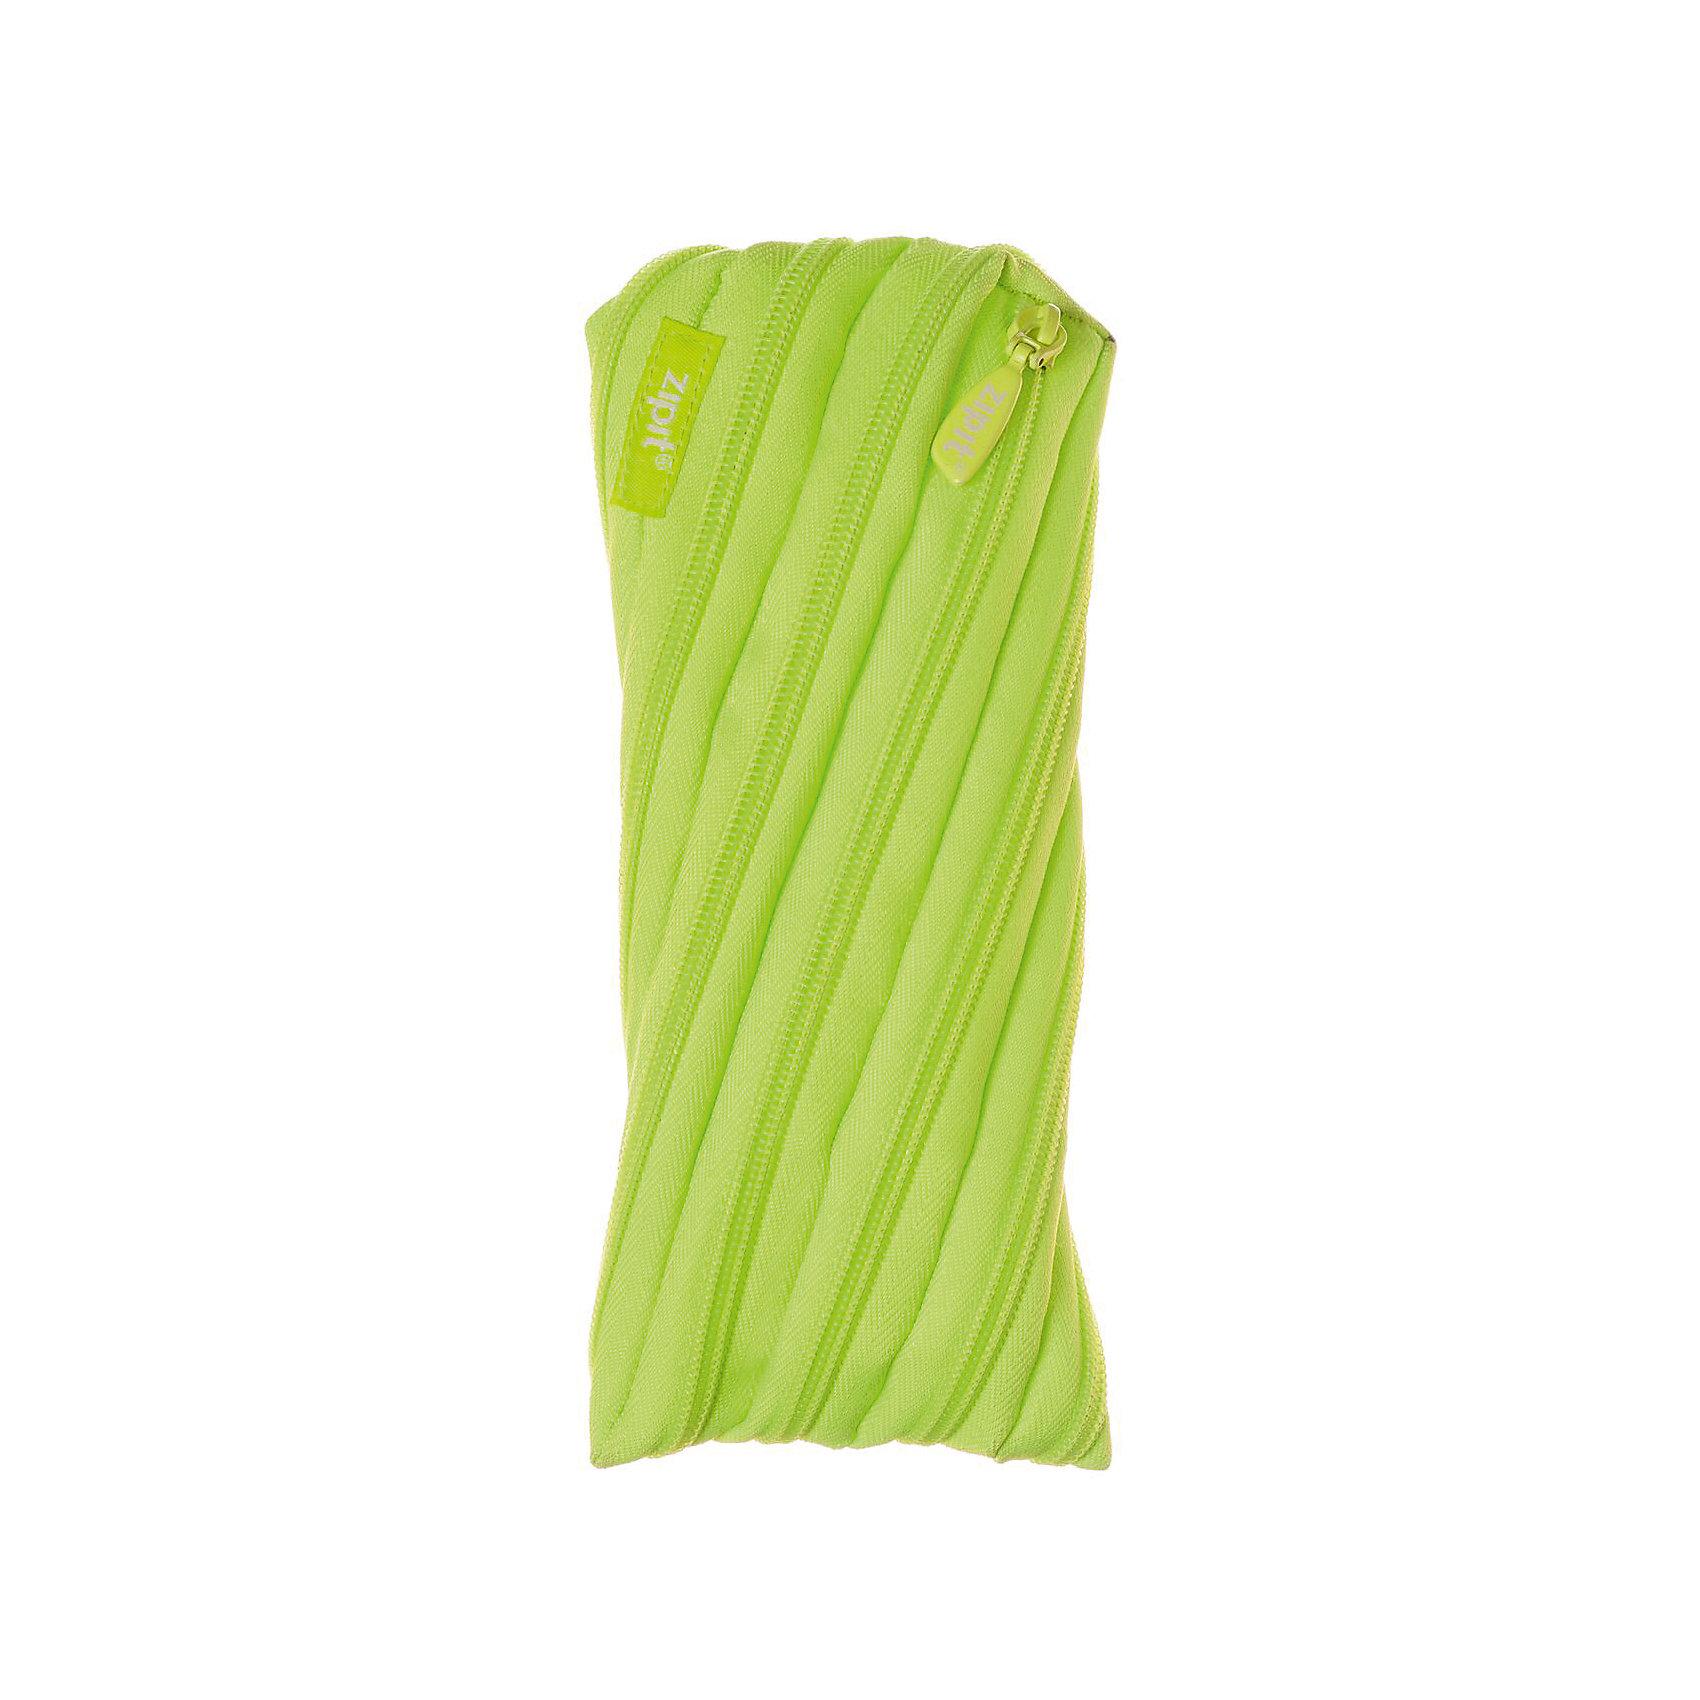 Пенал-сумочка NEON POUCH, цвет лаймПеналы без наполнения<br>Характеристики товара:<br><br>• цвет: лайм;<br>• возраст: от 3 лет;<br>• вес: 0,1 кг;<br>• размер: 22х2х10 см;<br>• одно отделение на молнии;<br>• изготовлен из длинной молнии;<br>• молнию можно полностью расстегнуть;<br>• необычный дизайн; <br>• материал: полиэстер;<br>• страна бренда: США;<br>• страна изготовитель: Китай.<br><br>Zipit пенал-сумочка «Neon Pouch» - удобен для разных мелочей и для пишущих принадлежностей. Изготовлен из 1 длинной молнии. <br><br>Пенал-сумочка «Neon Pouch» можно купить в нашем интернет-магазине.<br><br>Ширина мм: 220<br>Глубина мм: 20<br>Высота мм: 100<br>Вес г: 100<br>Возраст от месяцев: 36<br>Возраст до месяцев: 720<br>Пол: Унисекс<br>Возраст: Детский<br>SKU: 7054171